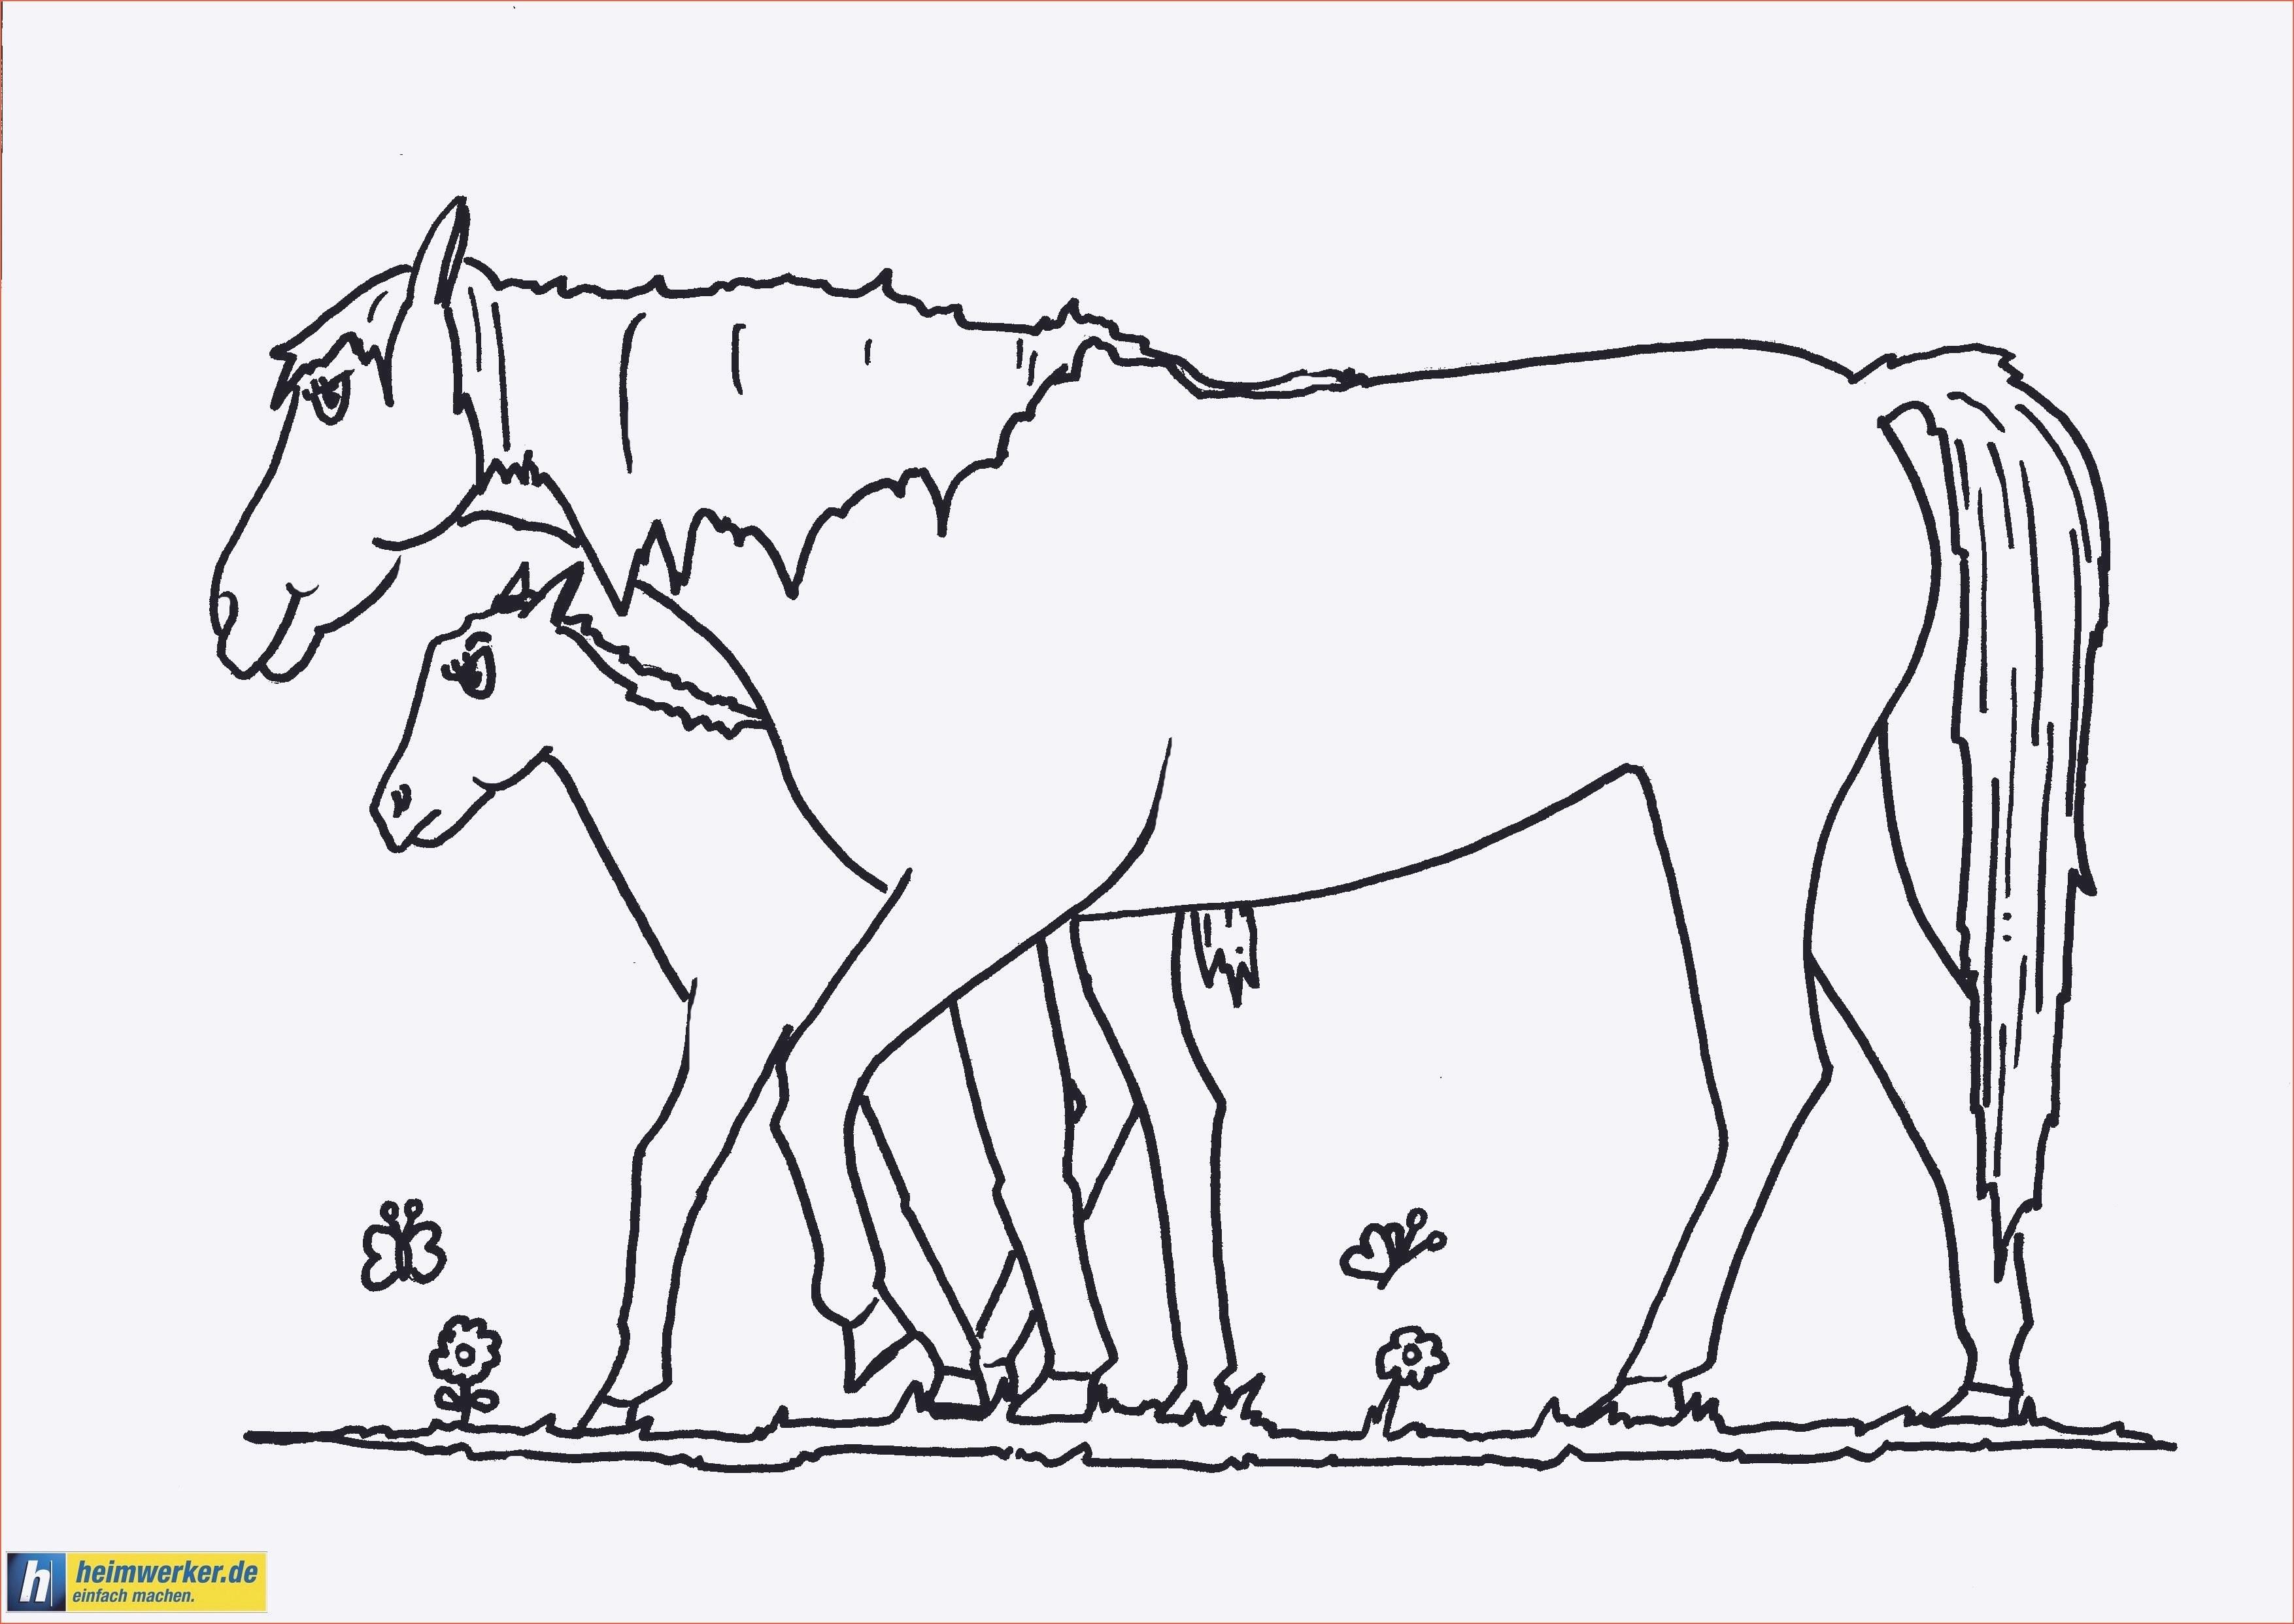 10 Plagen Ausmalbilder Genial Malvorlagen Pferde Einfach Malvorlagen Pferde Pdf Zum Drucken Schön Fotos